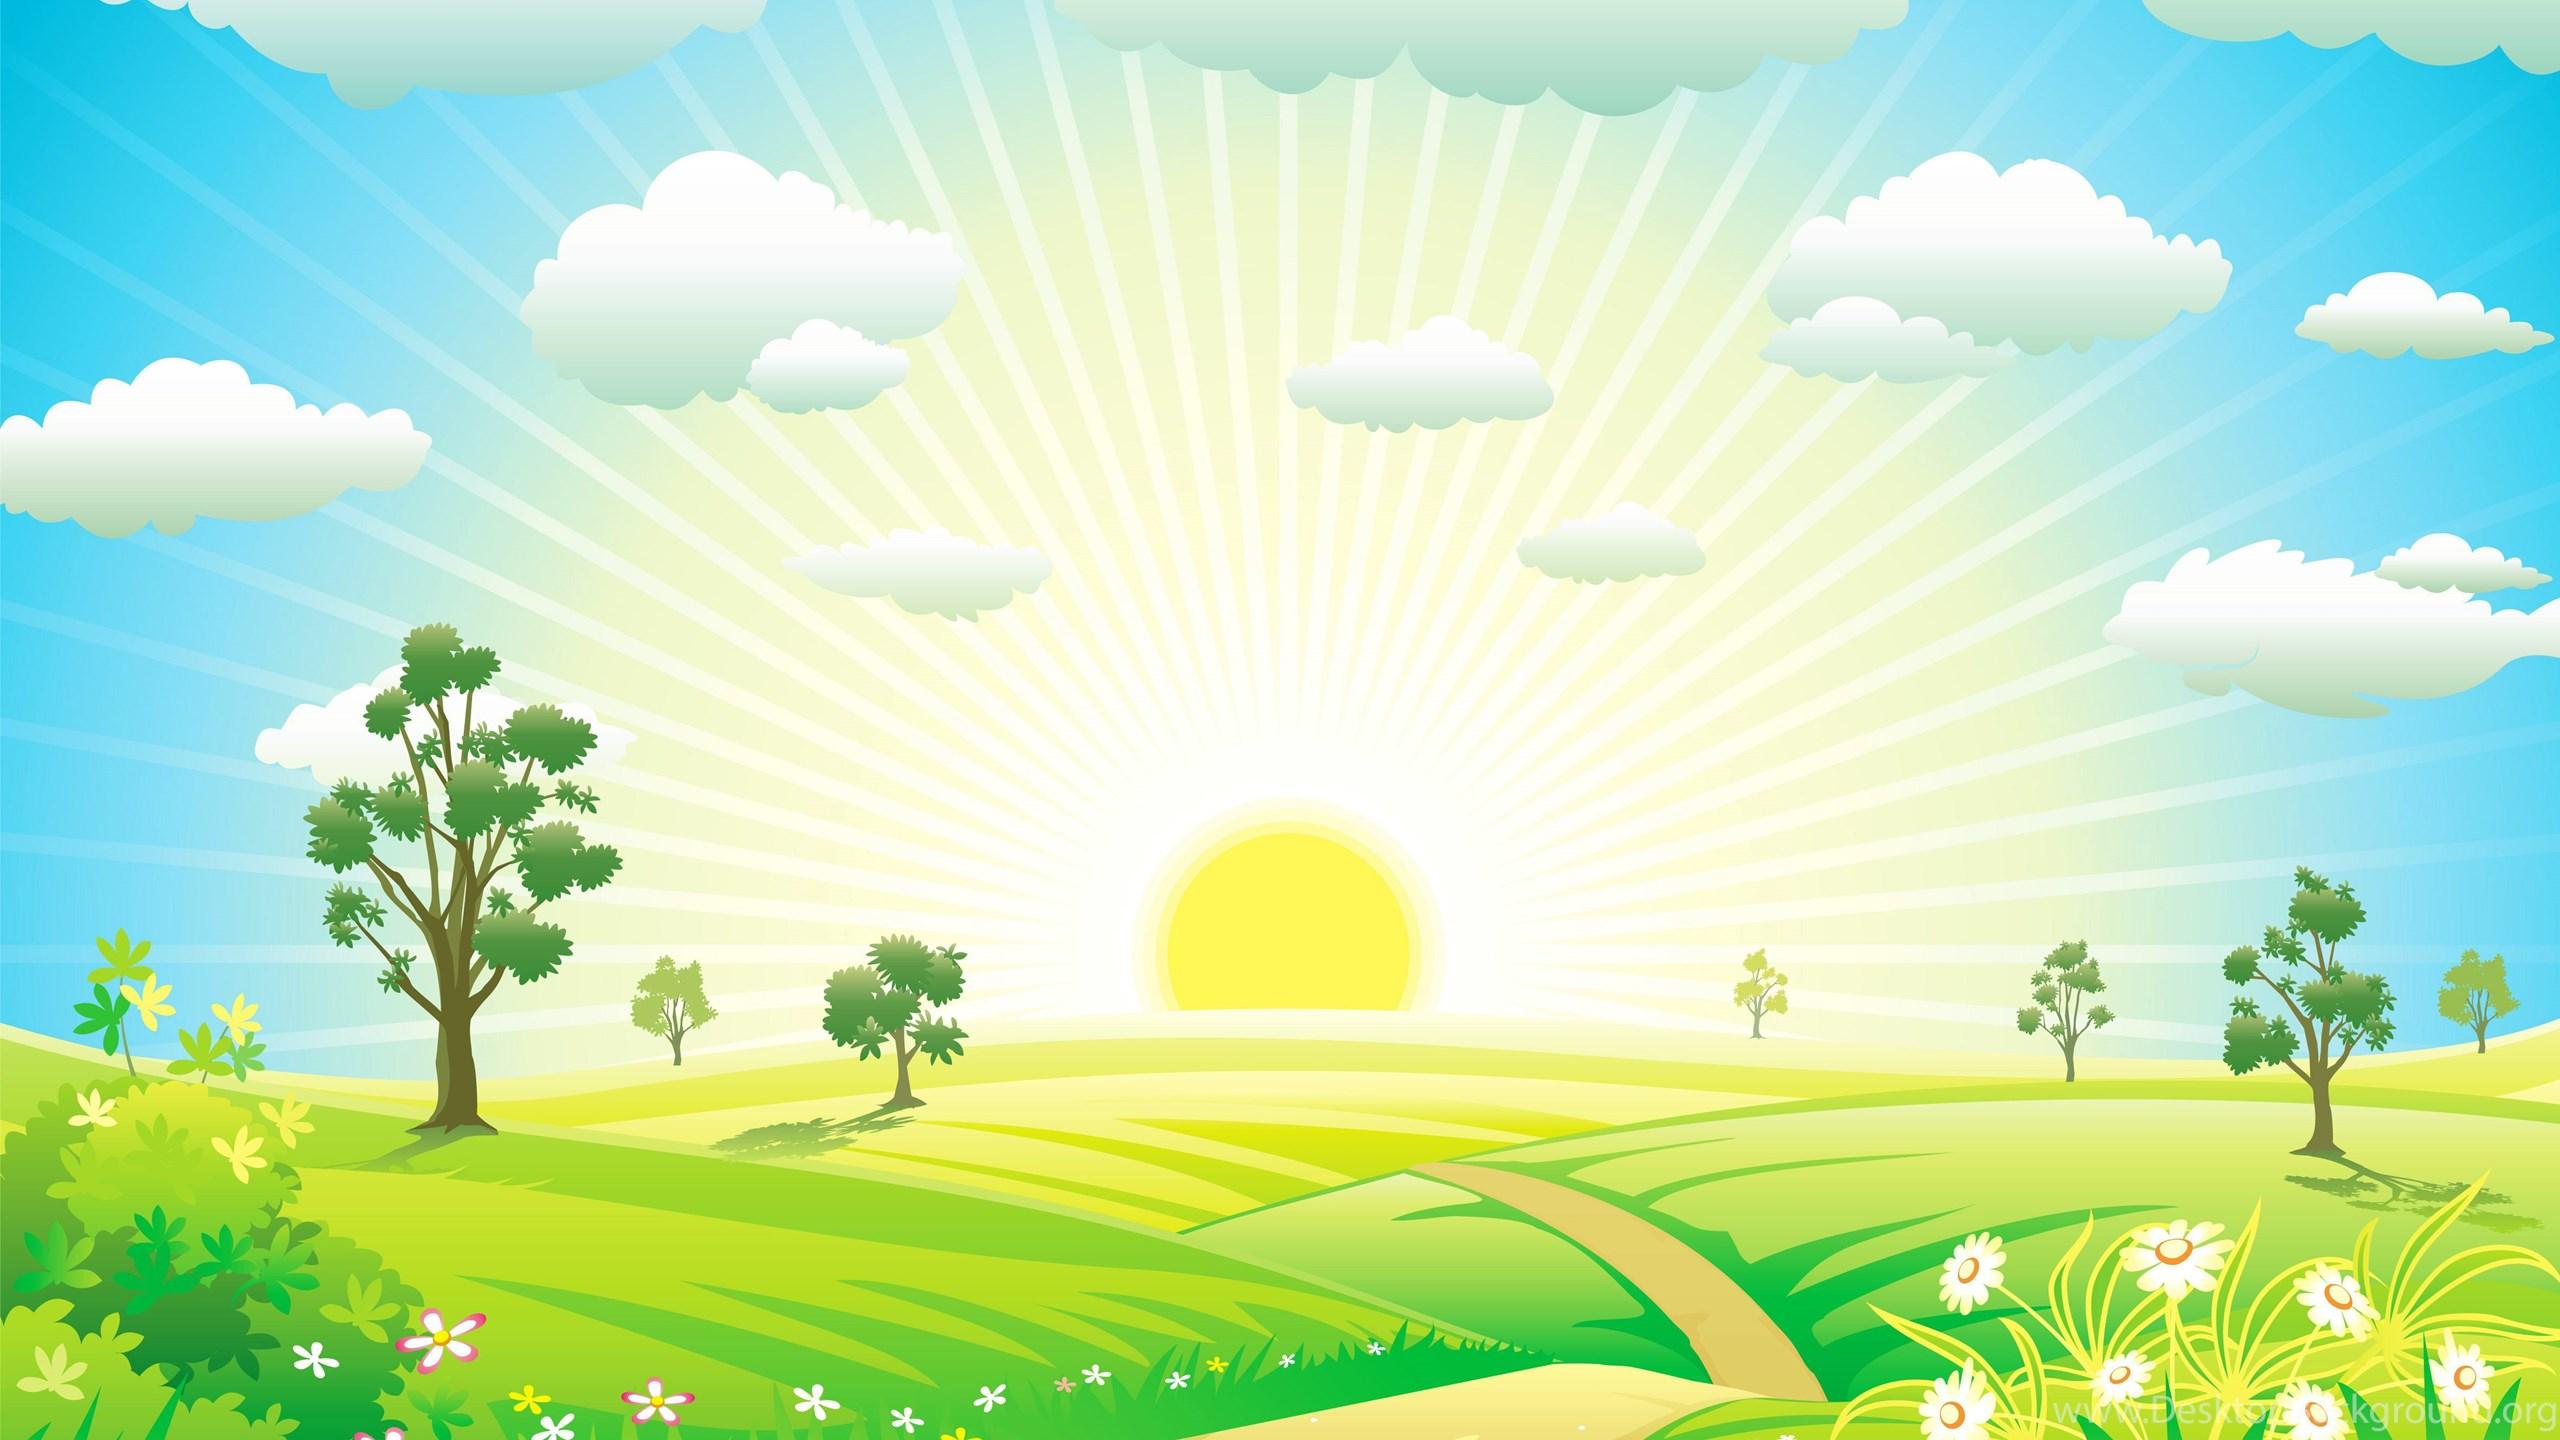 Лето солнце картинки для детей, хорошая девочка